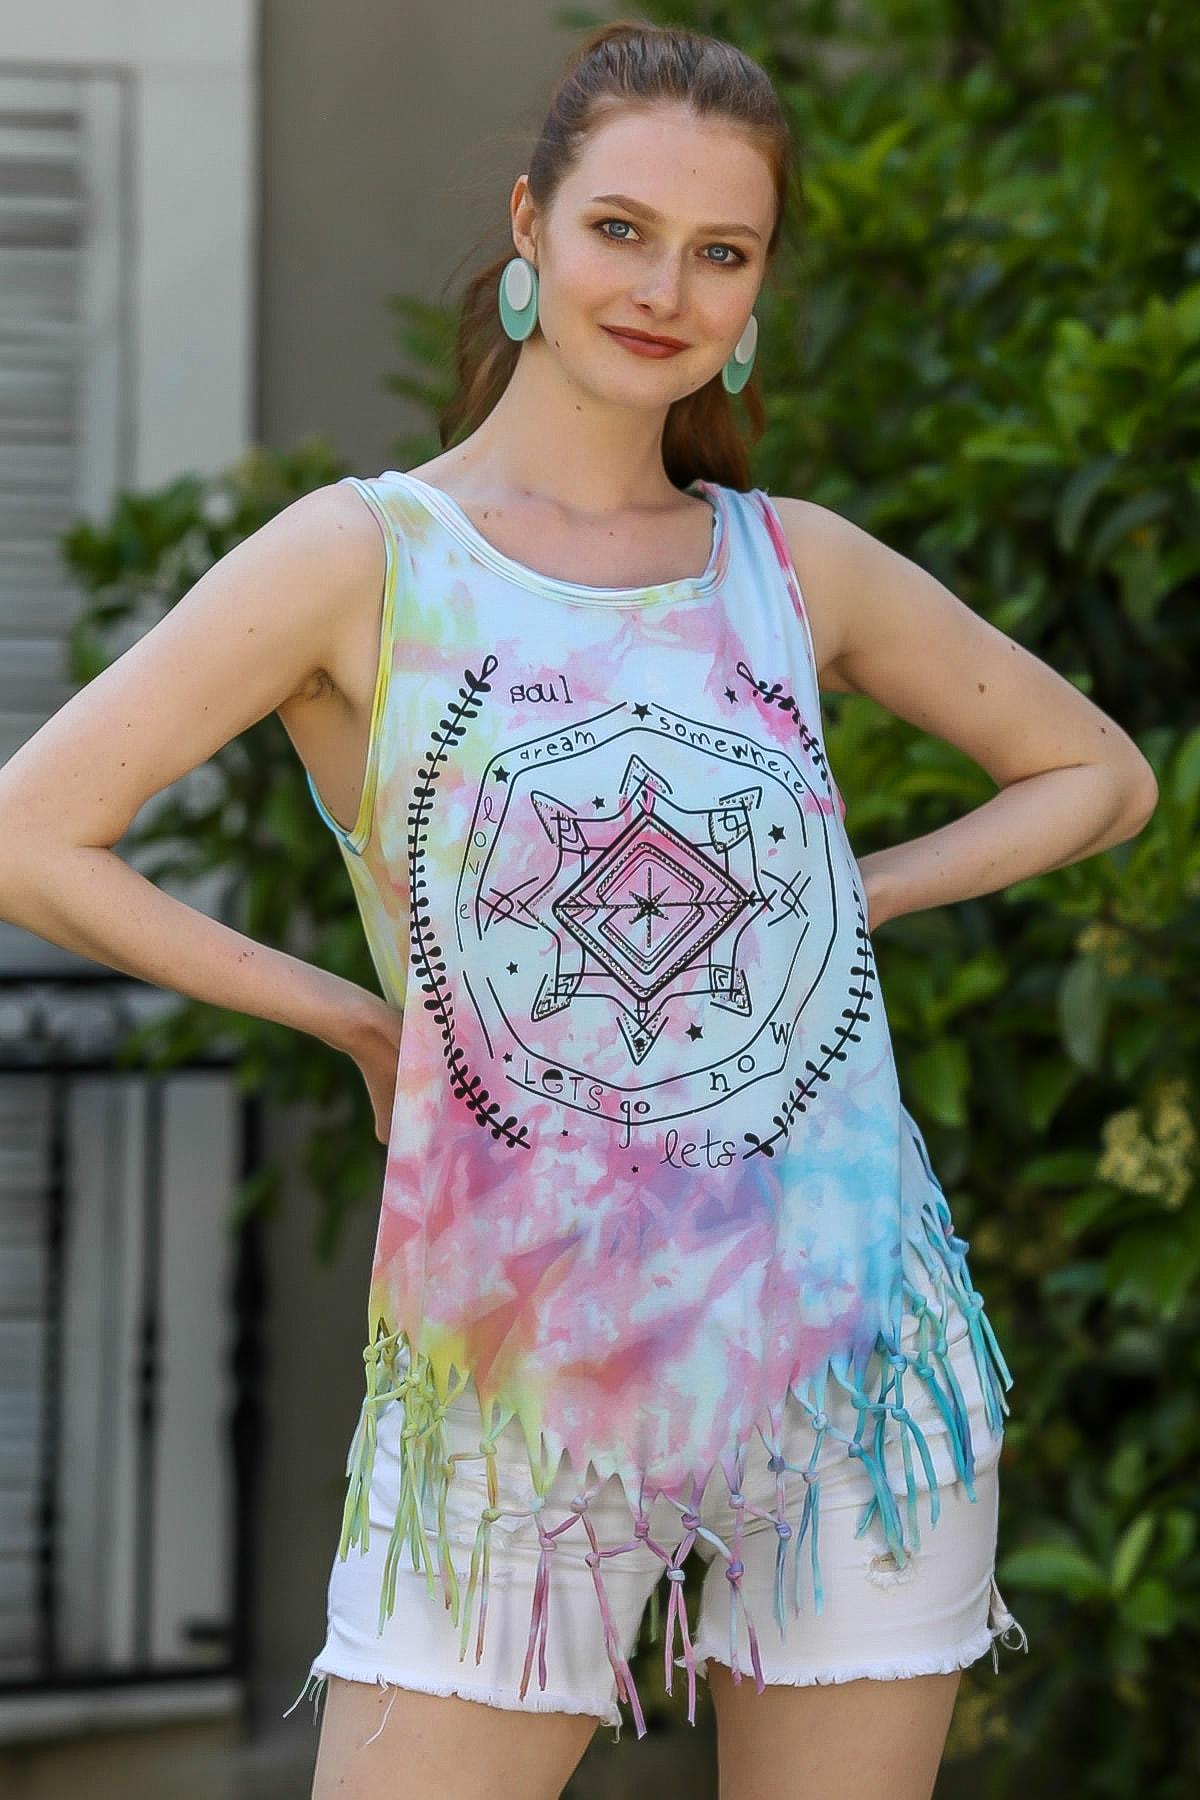 Chiccy Kadın Yeşil Bohem Baskılı Batik Desenli Etek Ucu Saçaklı T-Shirt M10010300TS98175